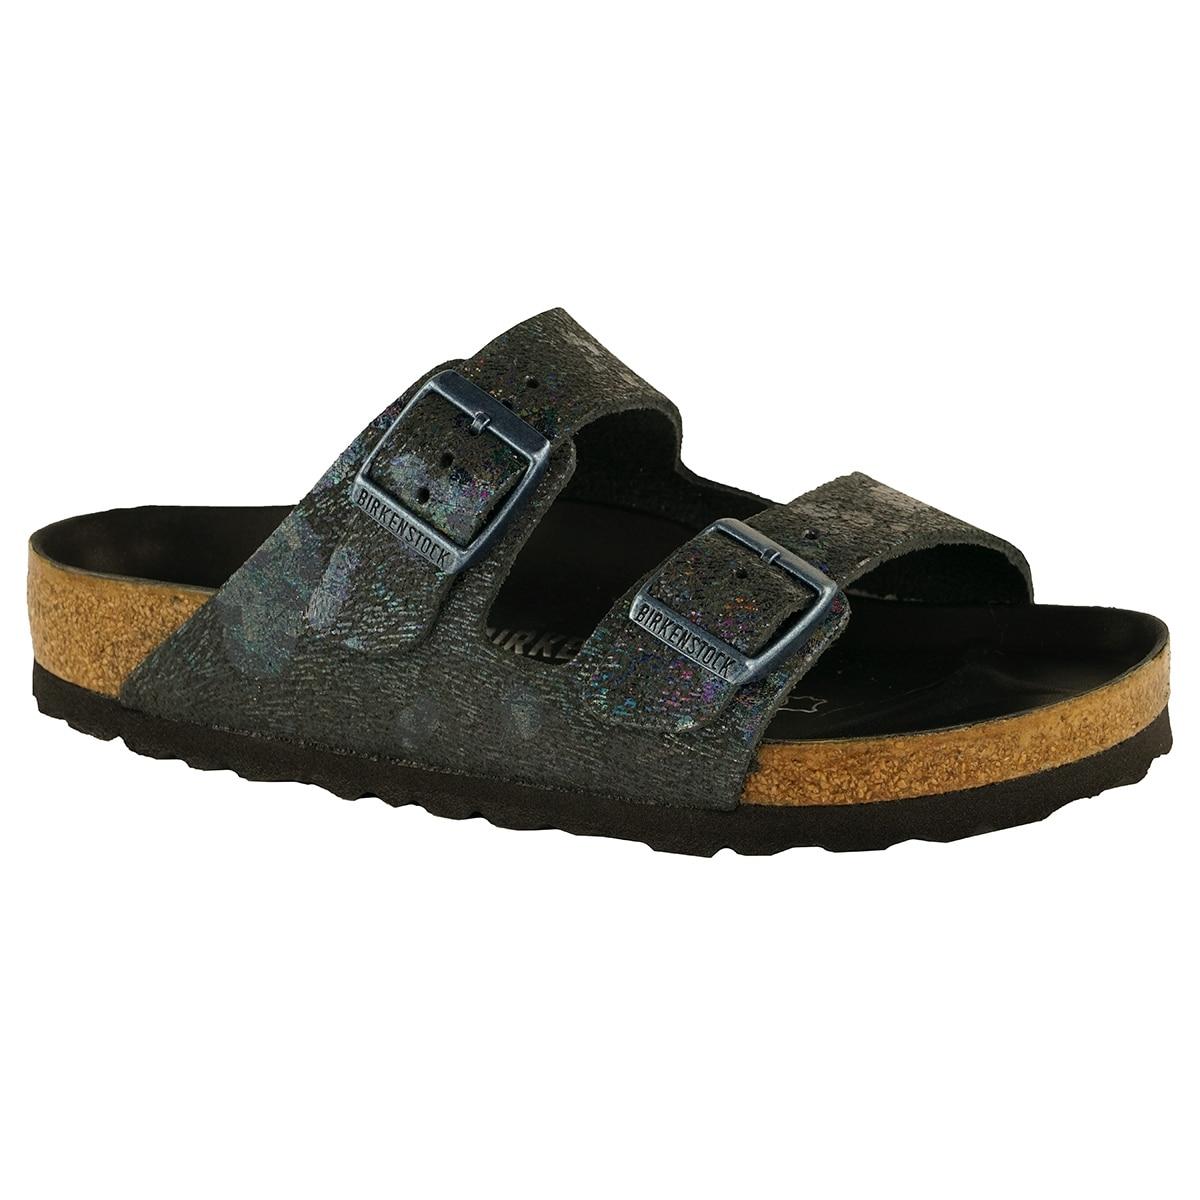 a6f8c4d0a099b Women s Shoes